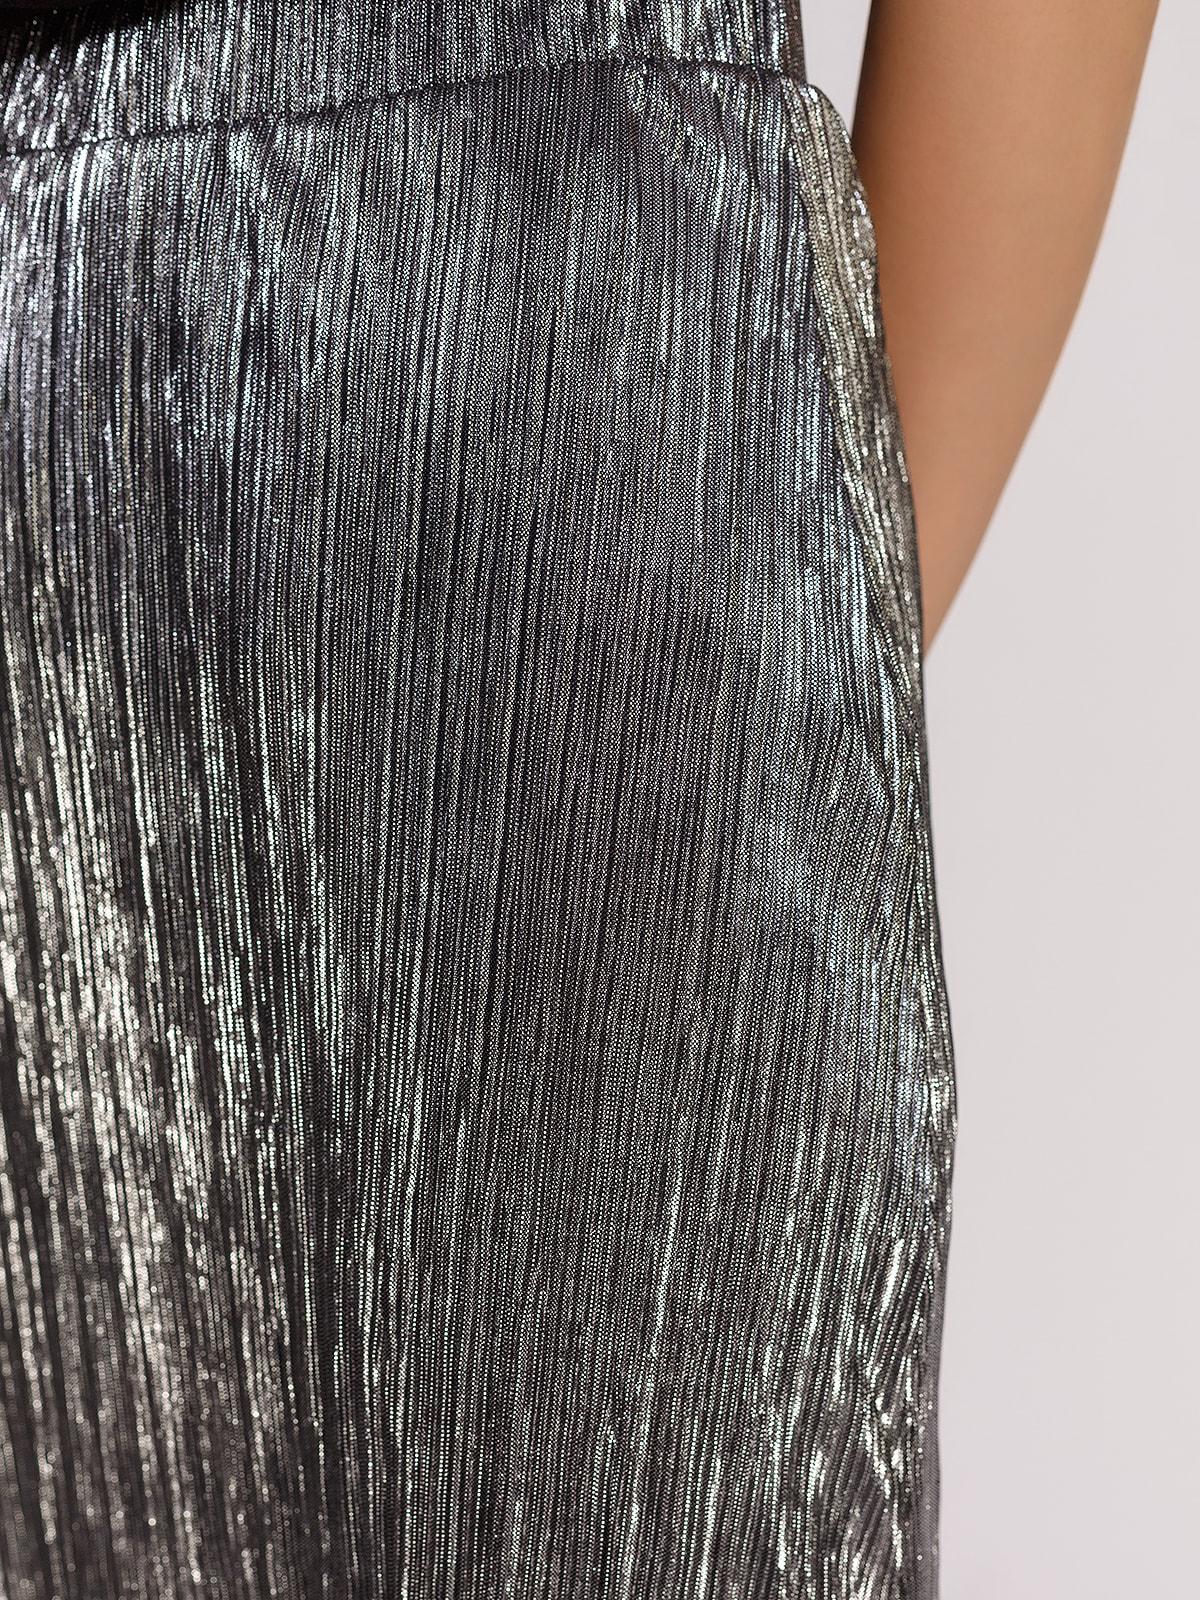 Юбка серебристая | 4640576 | фото 4